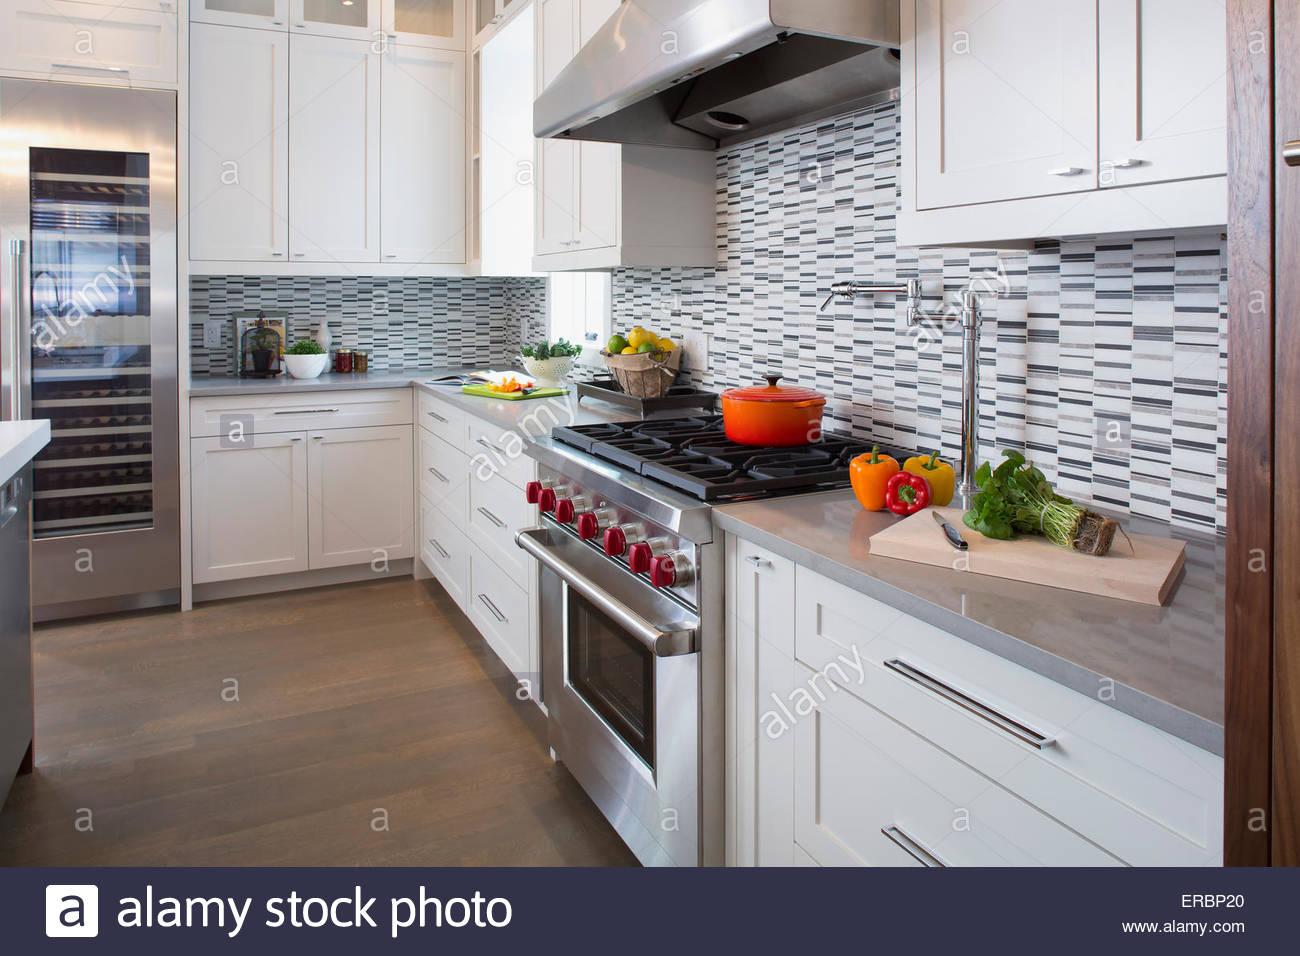 Moderno e di colore bianco con cucina in acciaio inossidabile di serie Immagini Stock